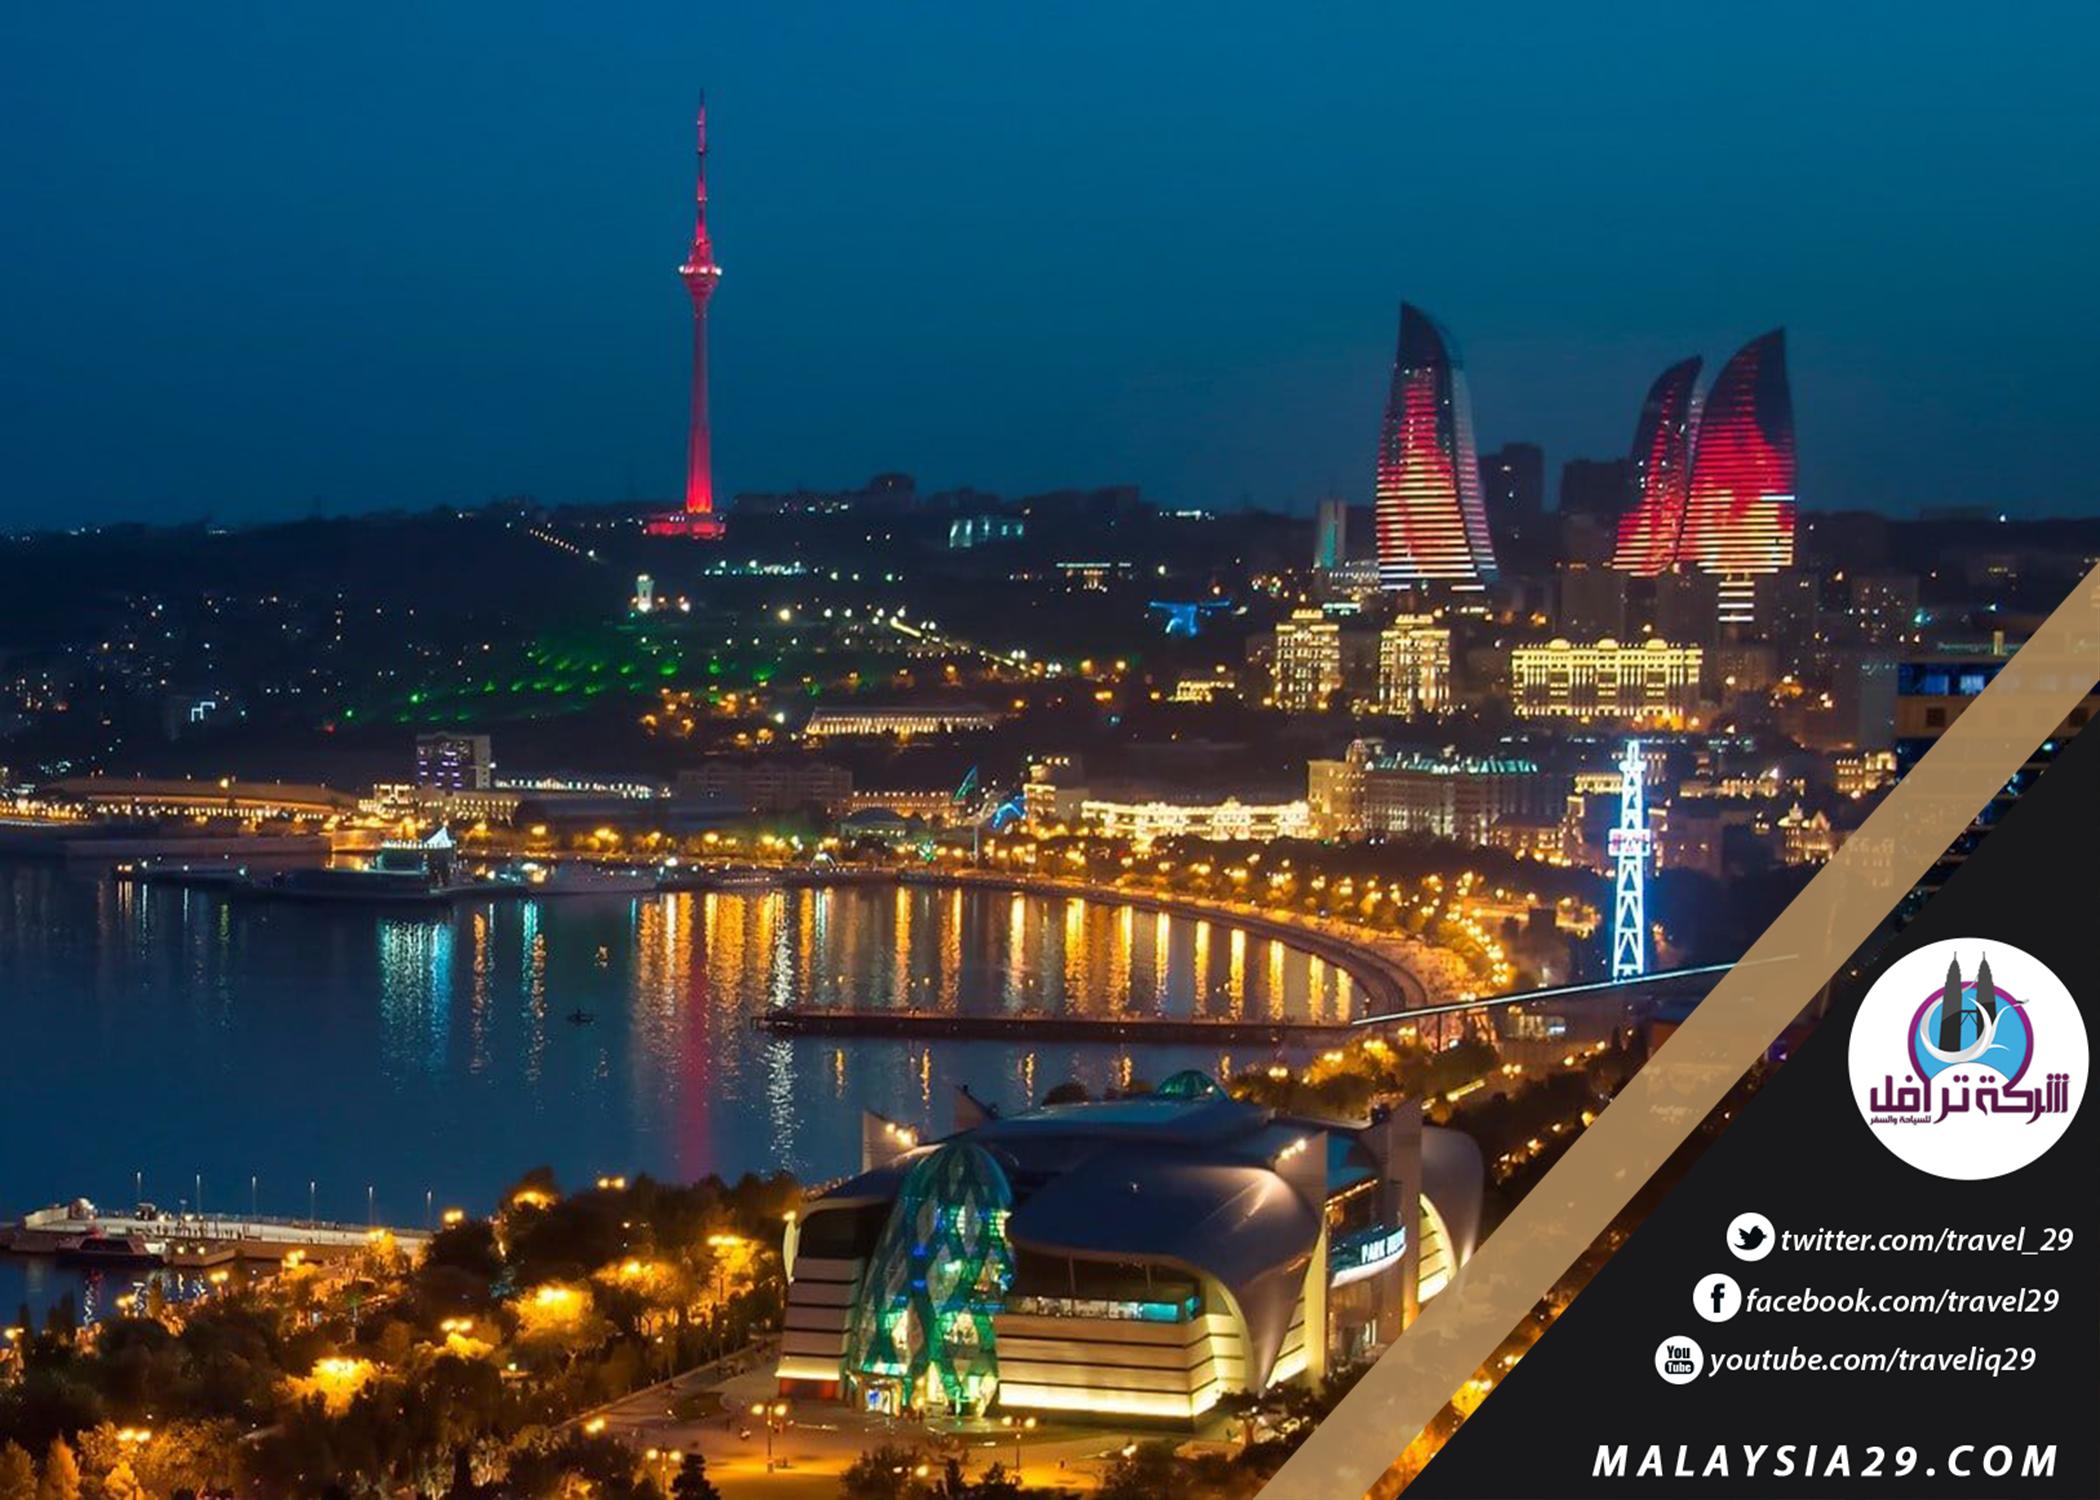 ليريك مدينة الجمال فى أذربيجان